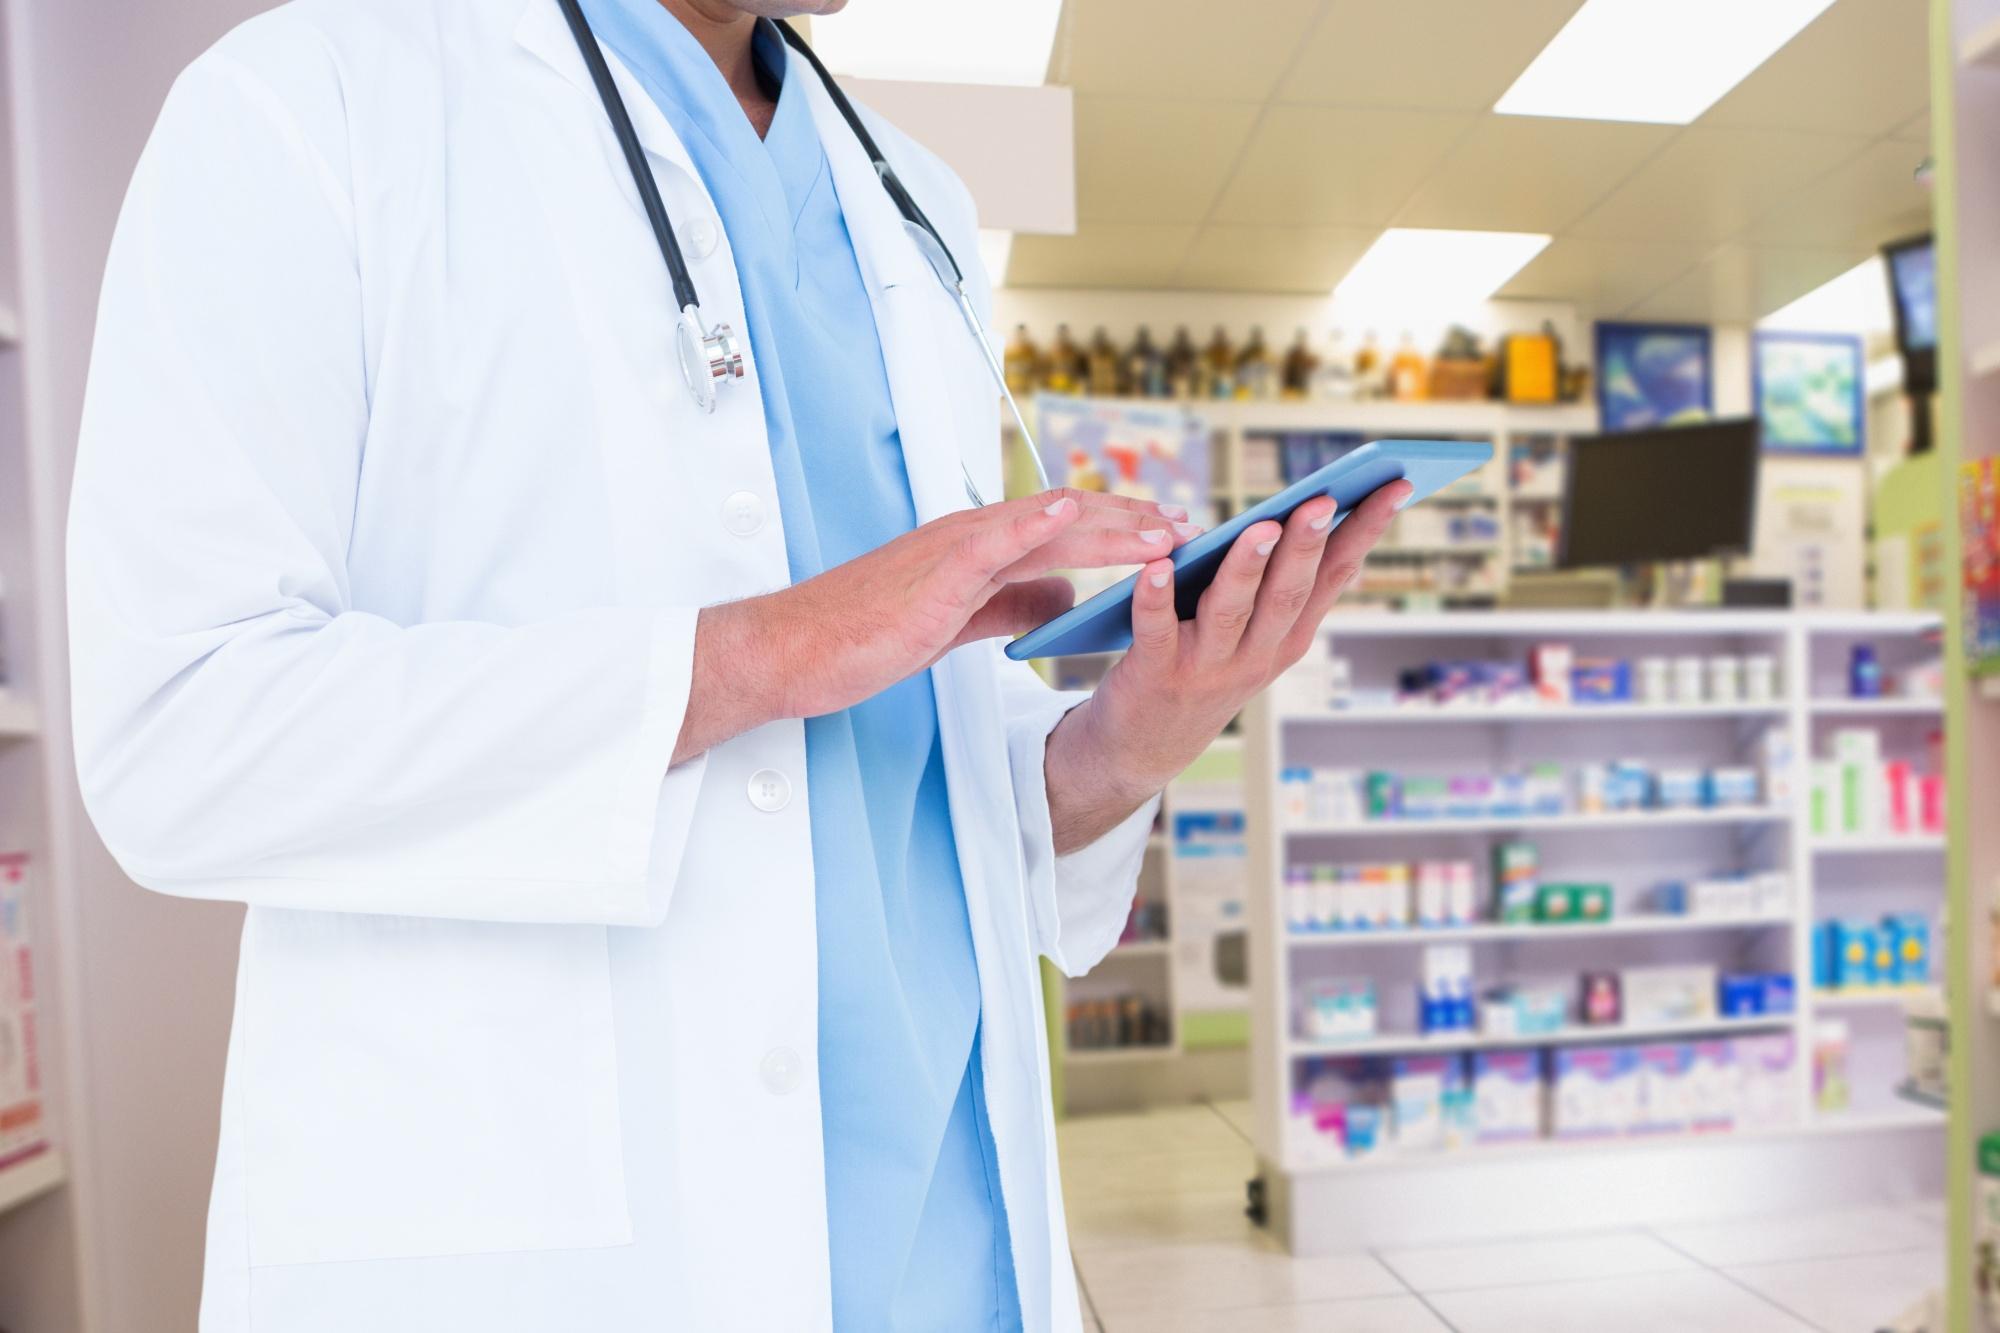 Inlyta₢: preço elevado não impede cobertura pelo plano de saúde